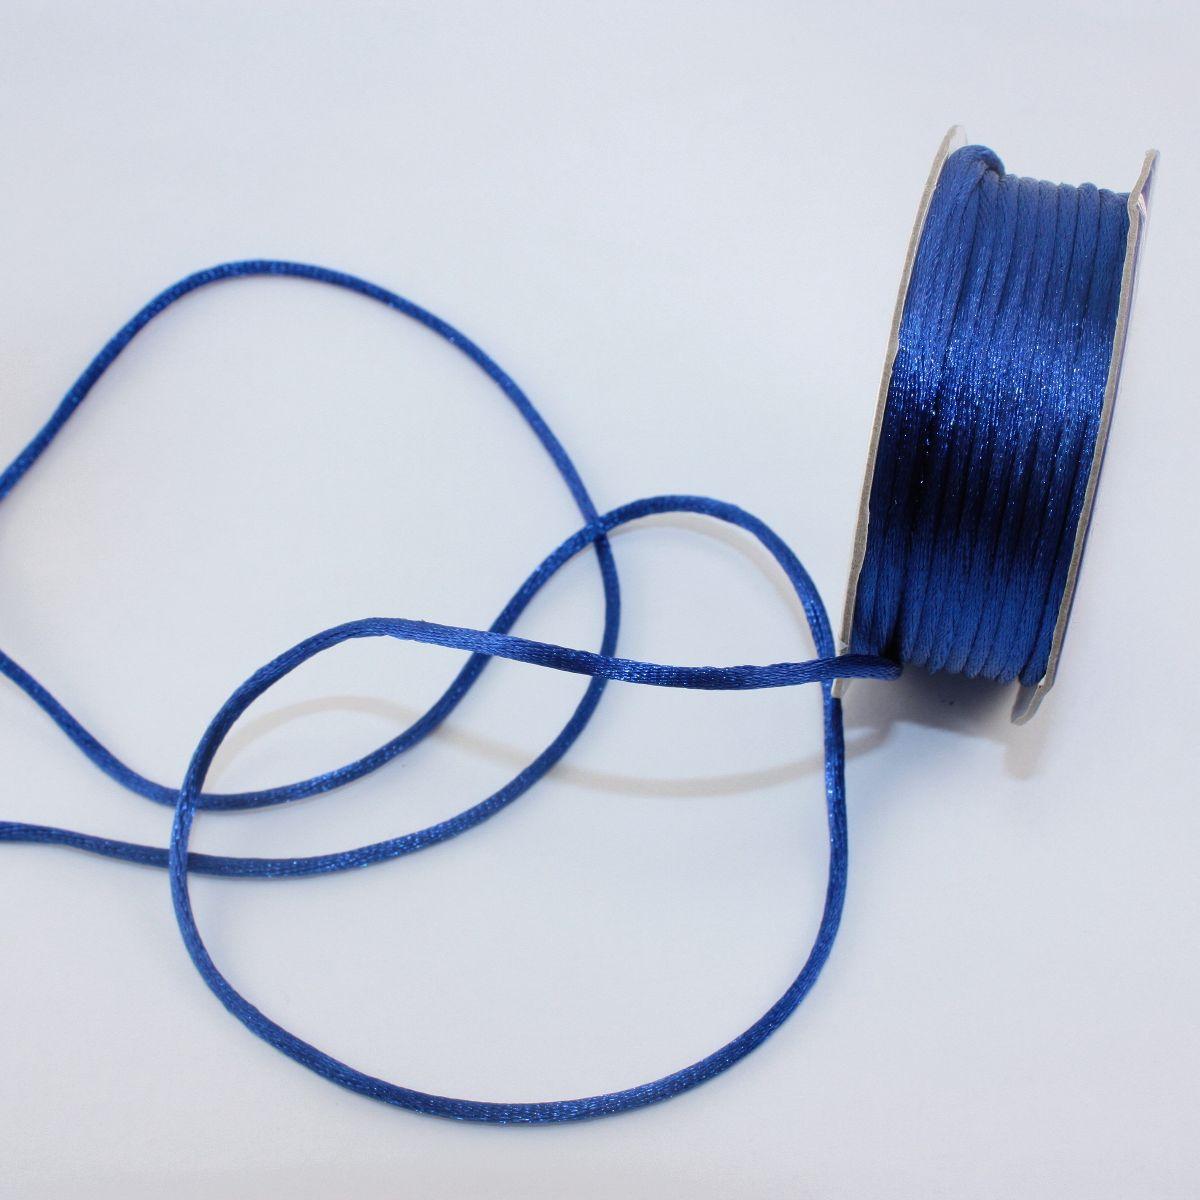 Cordelette en bobine bleu roi 2 mm